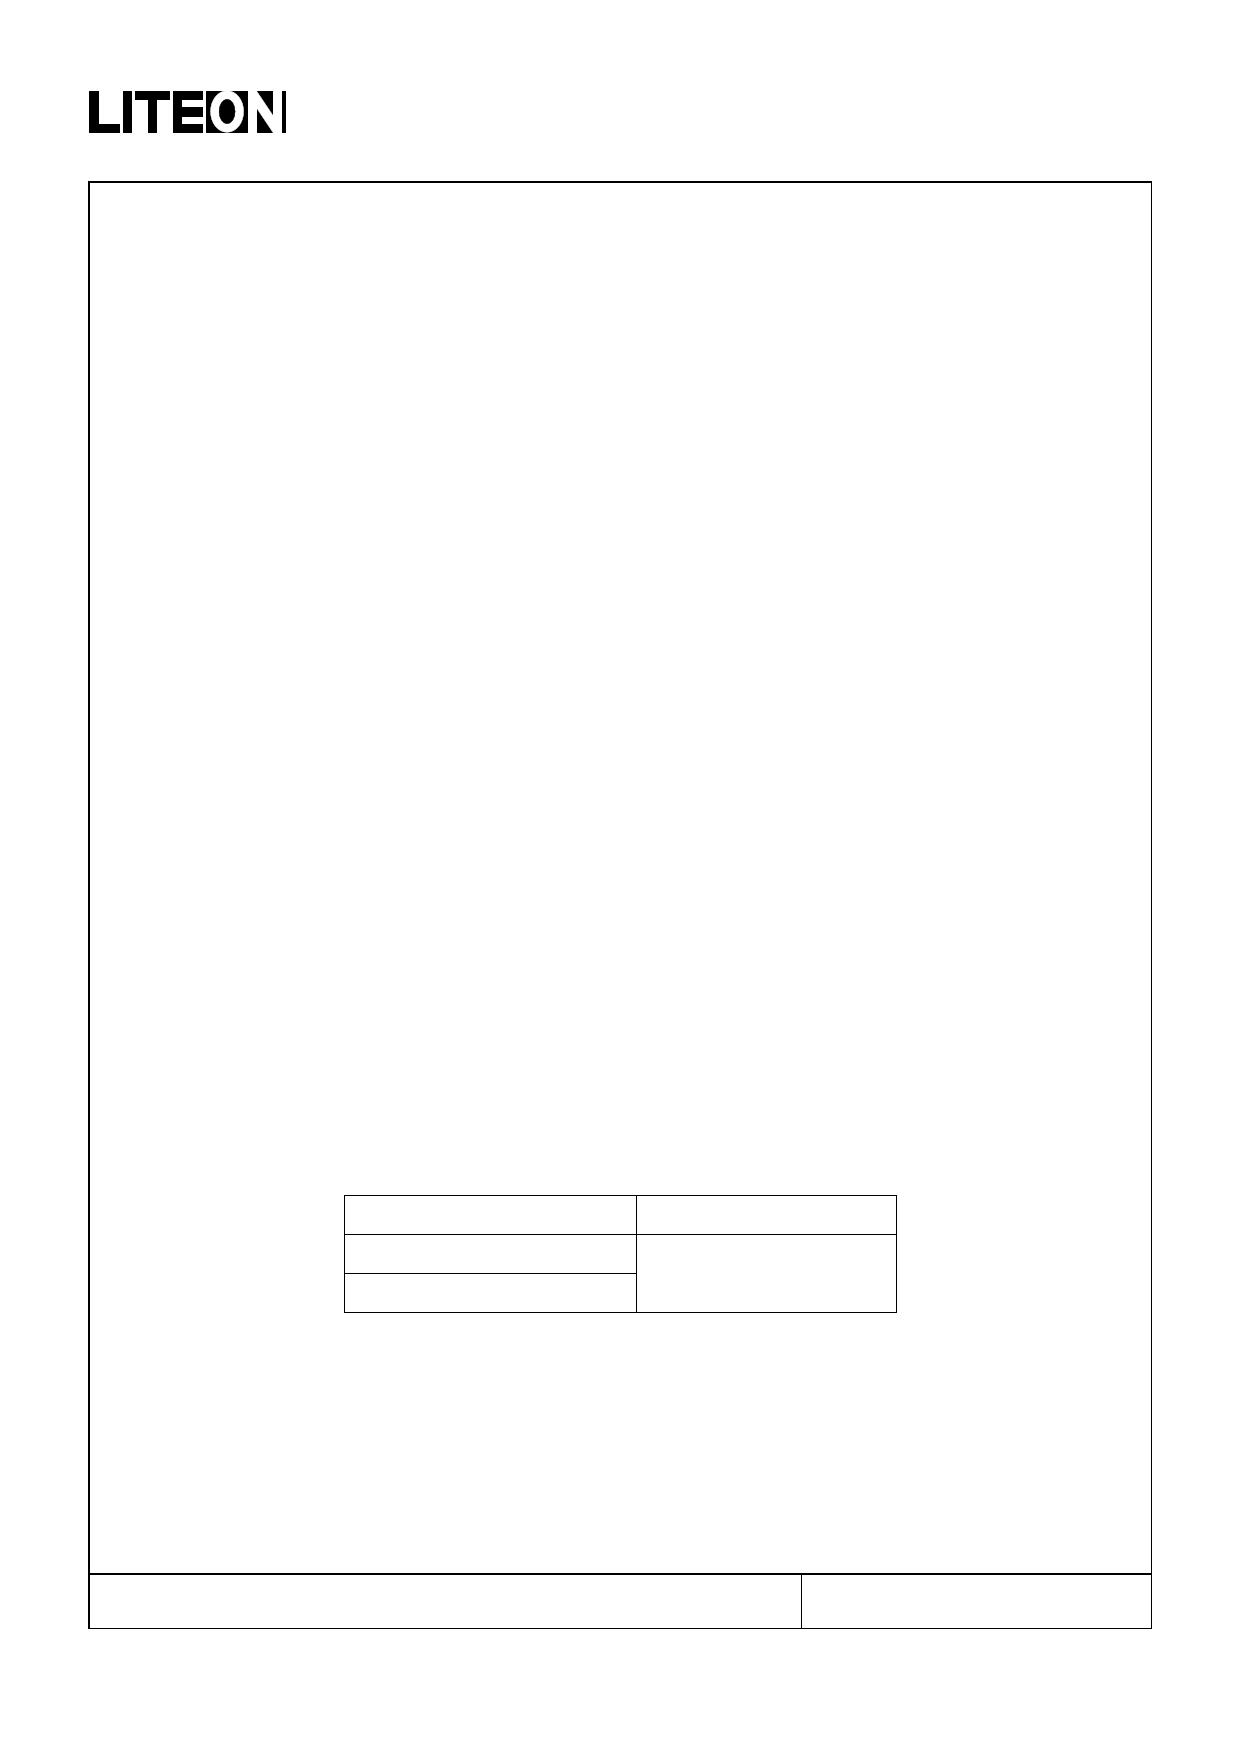 LTP-3157AG Datasheet